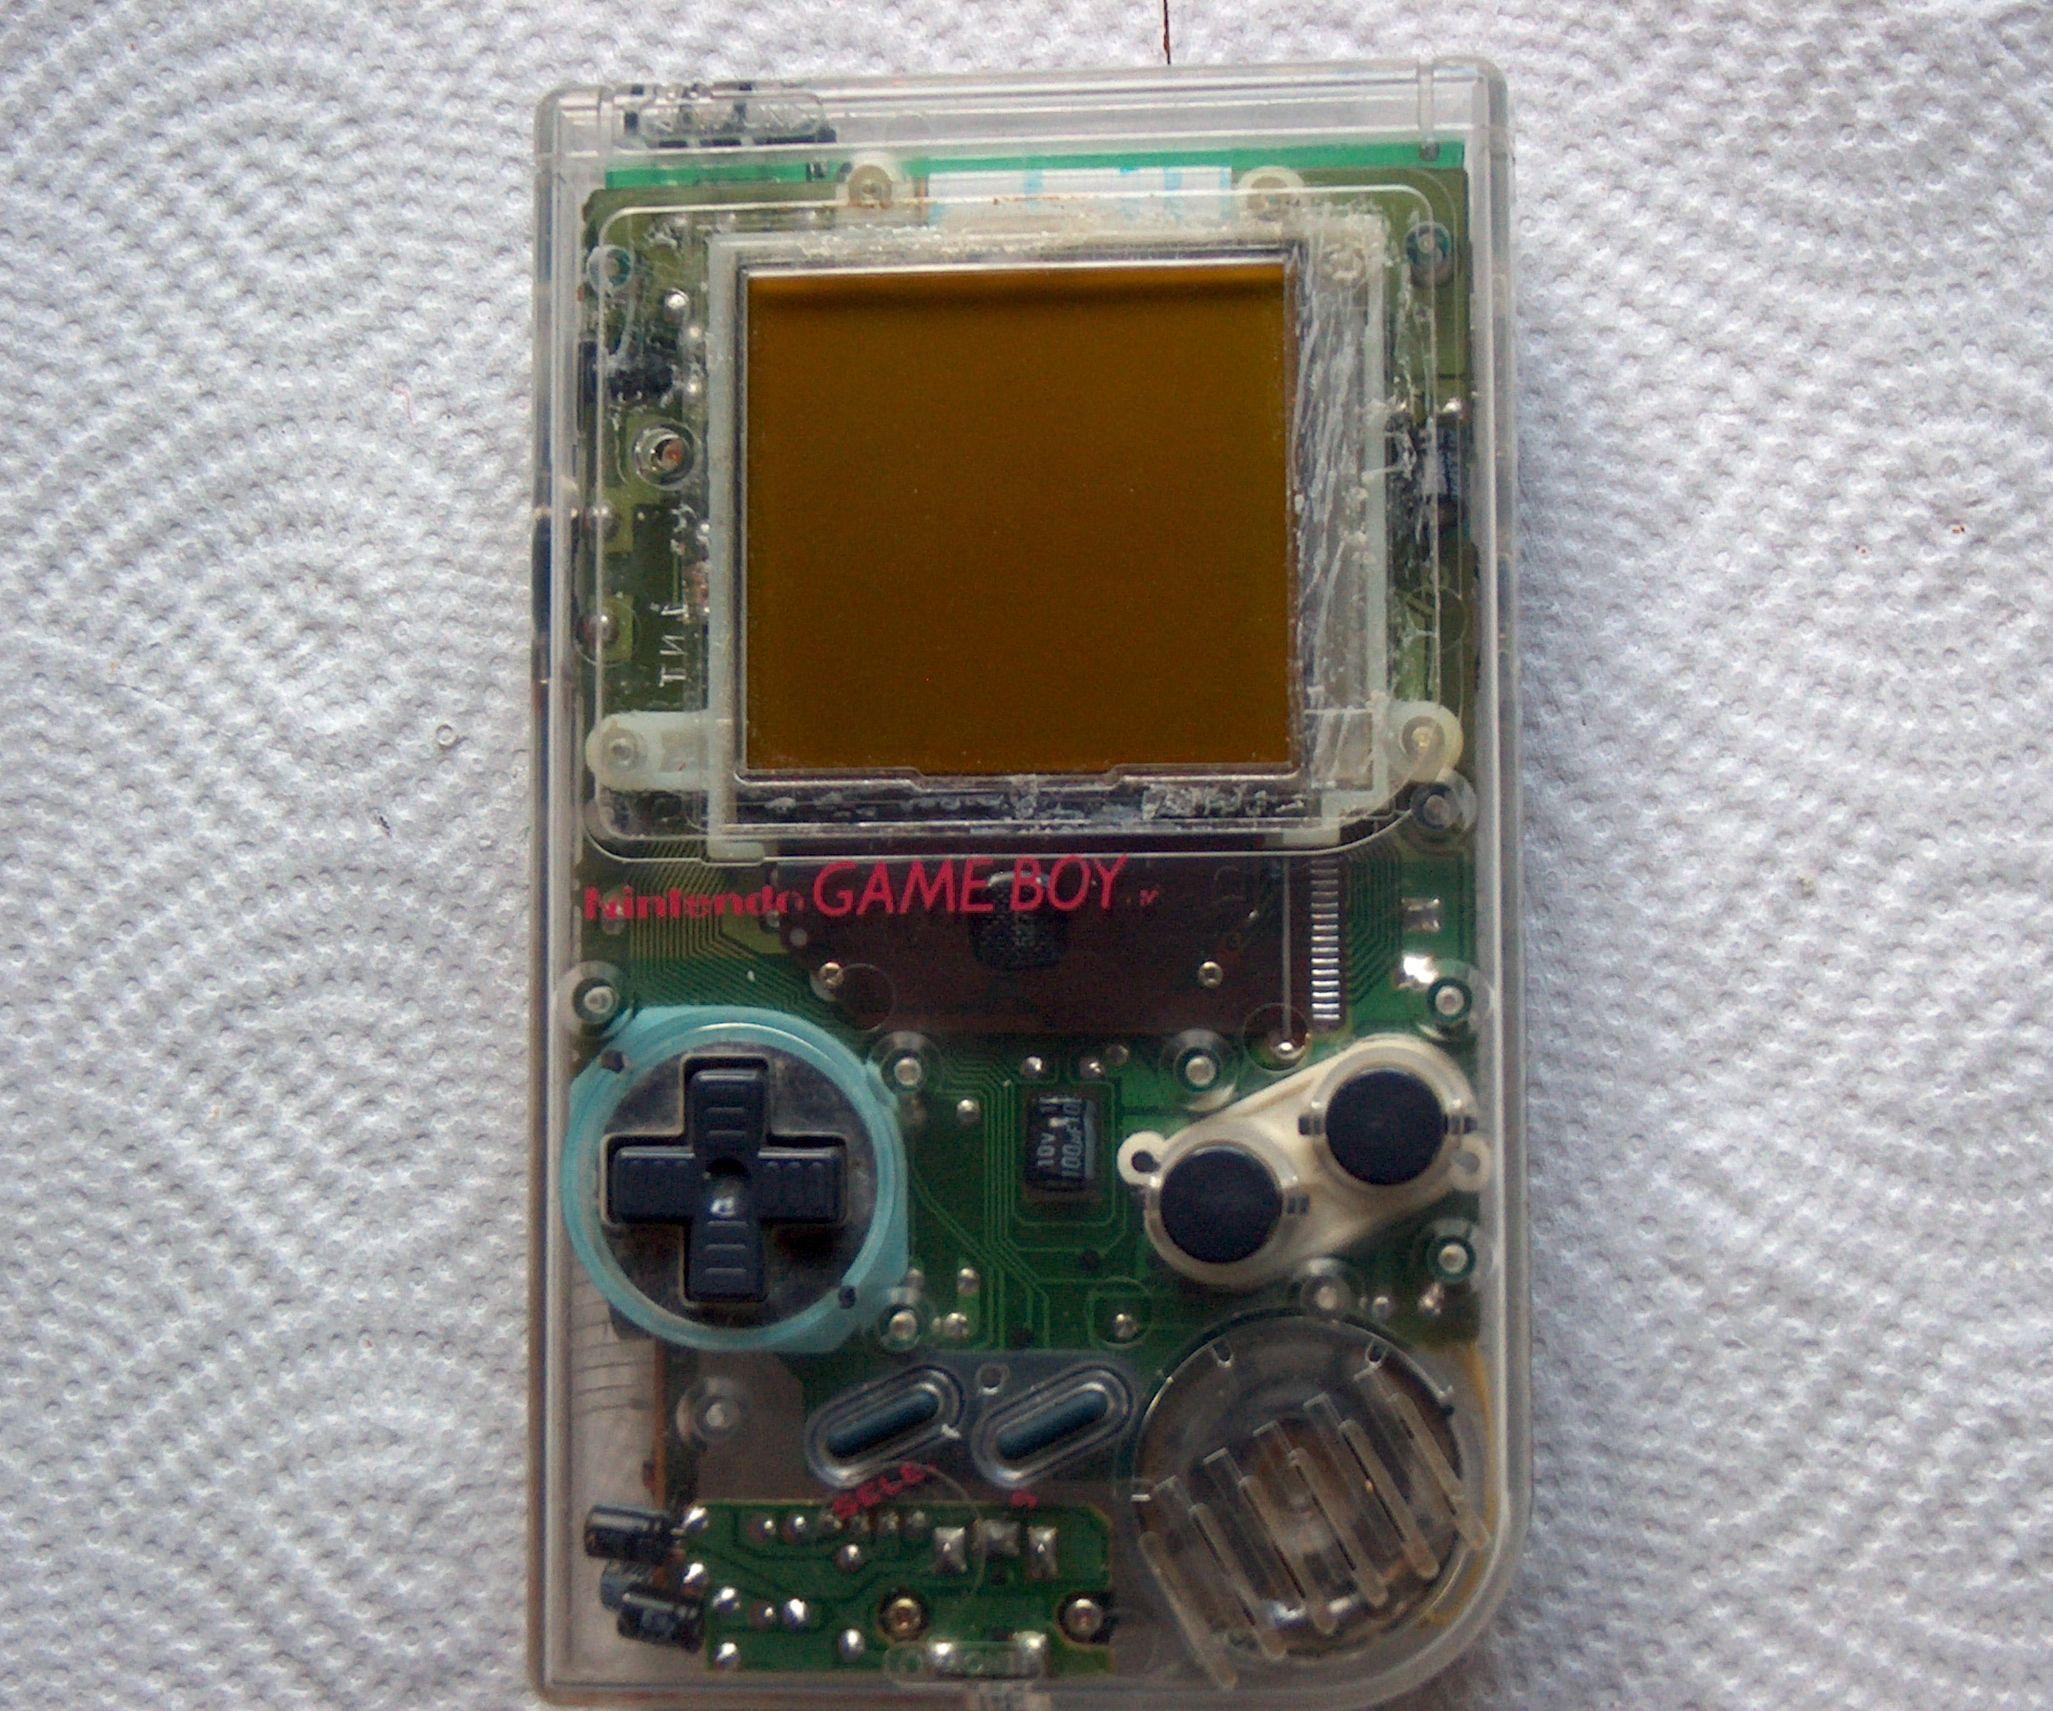 How to repair a broken speaker of an Gameboy DMG